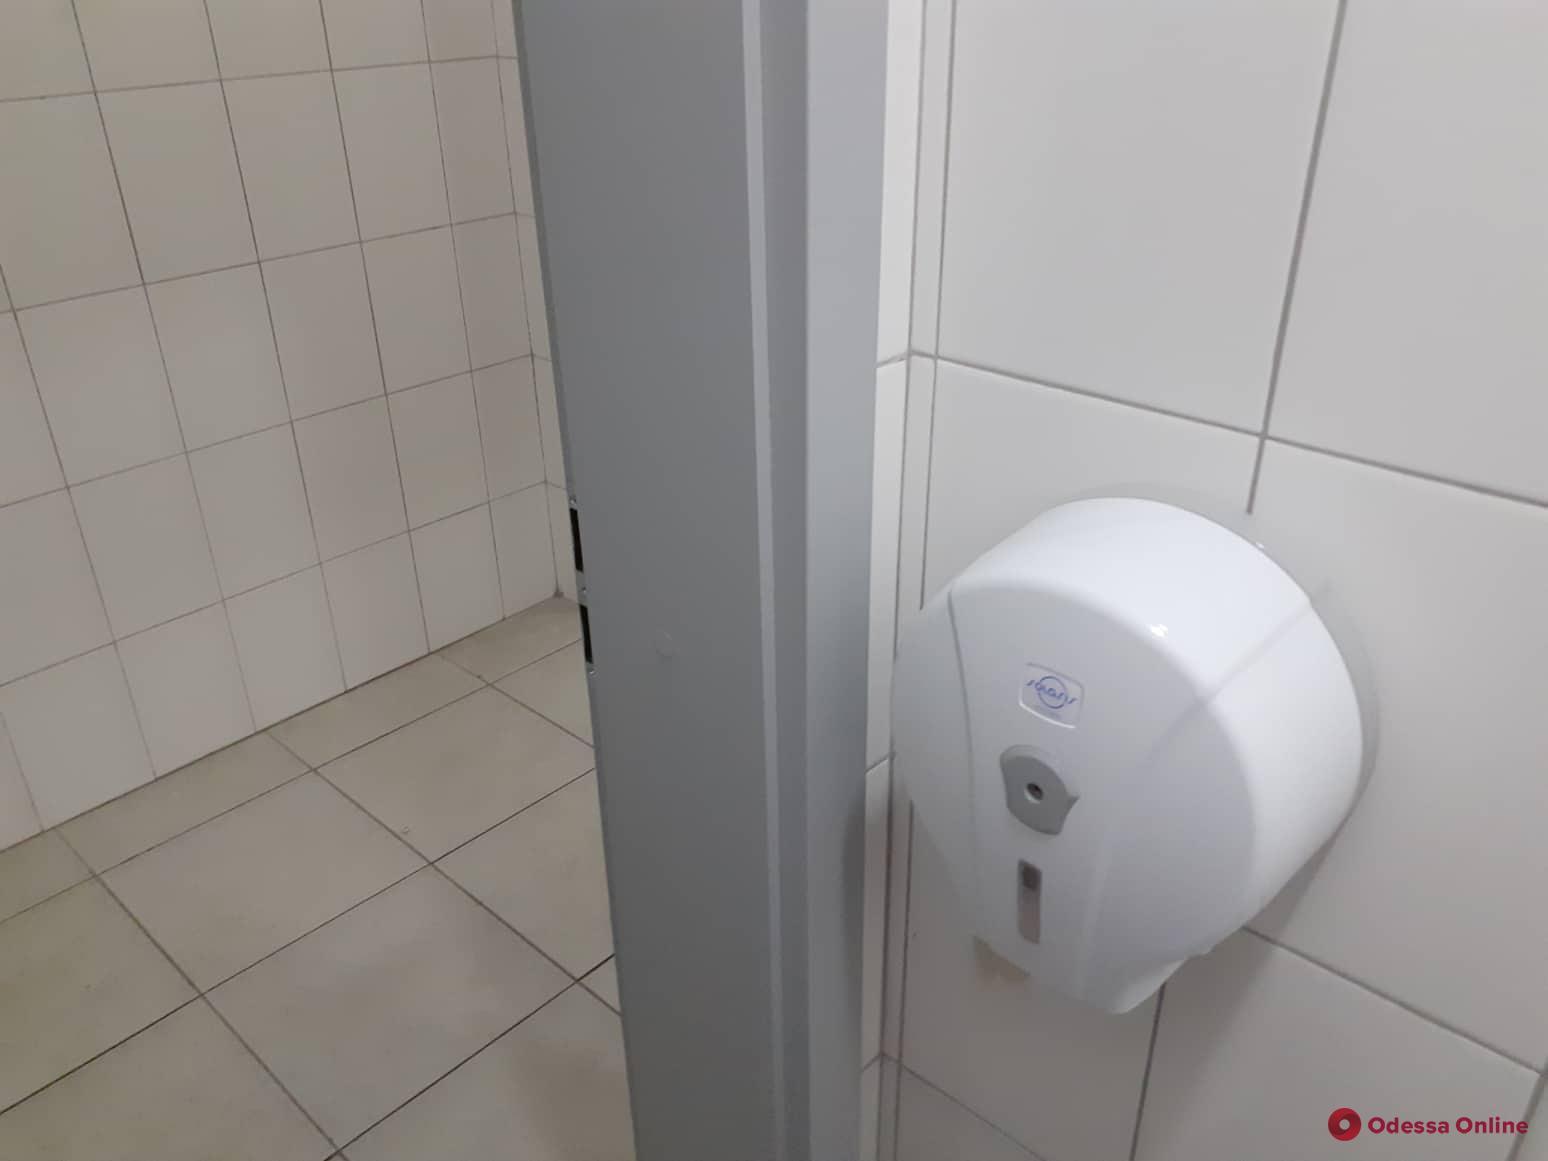 В «новой мэрии» на Косовской произошел переполох из-за тысячи евро в туалете